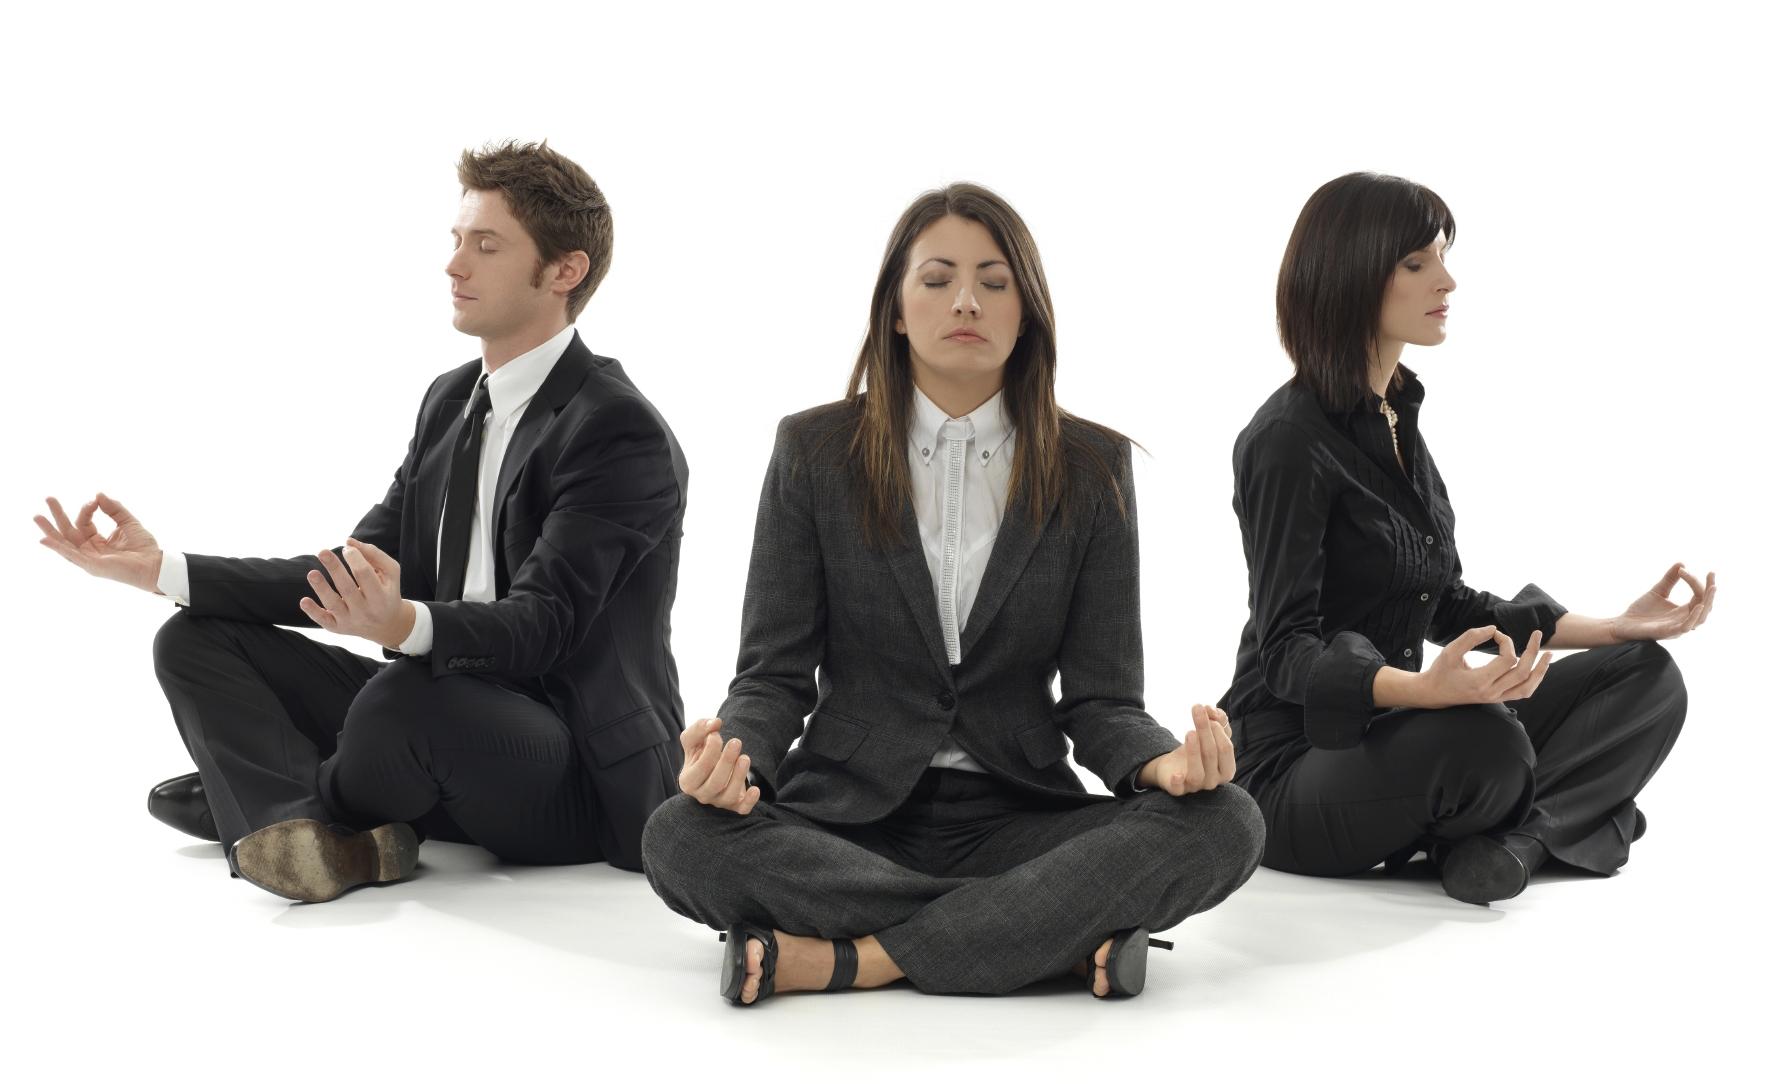 ¿Por qué mas empresas tienen a sus empleados meditando?